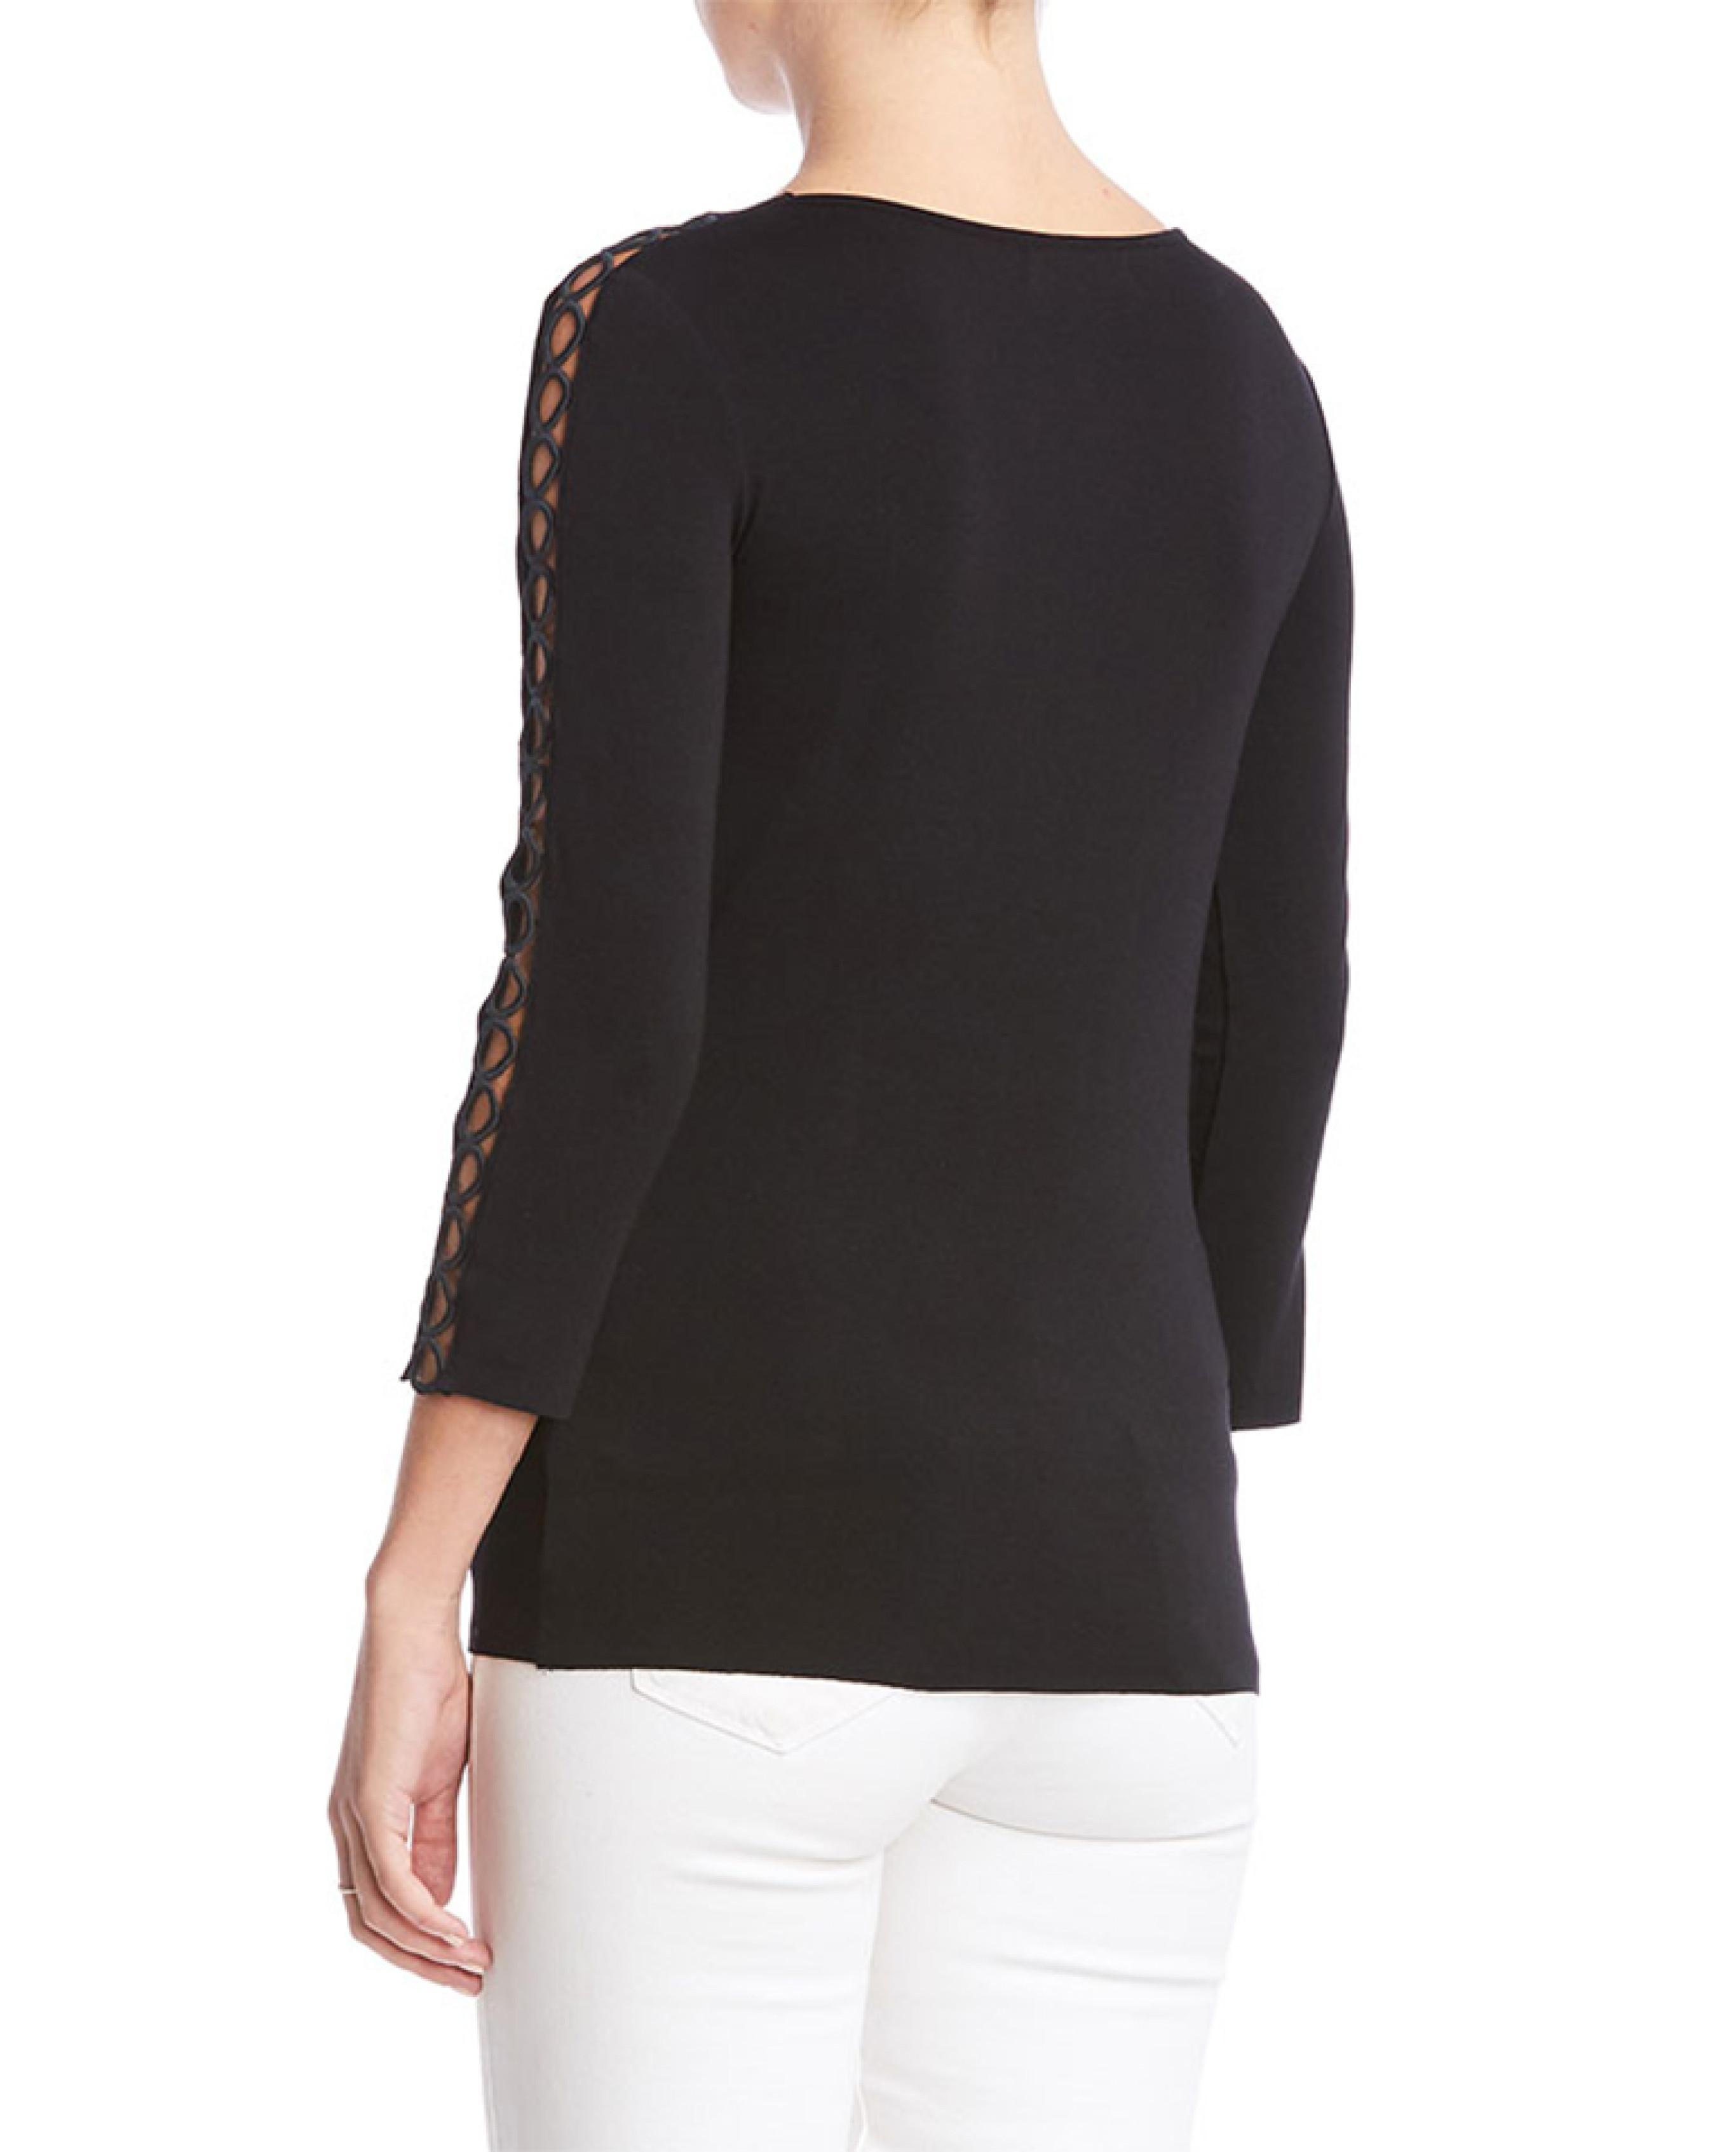 O/'Neill Women Daphne 3//4 Sleeve Raglan T-Shirt Tee Sz Small